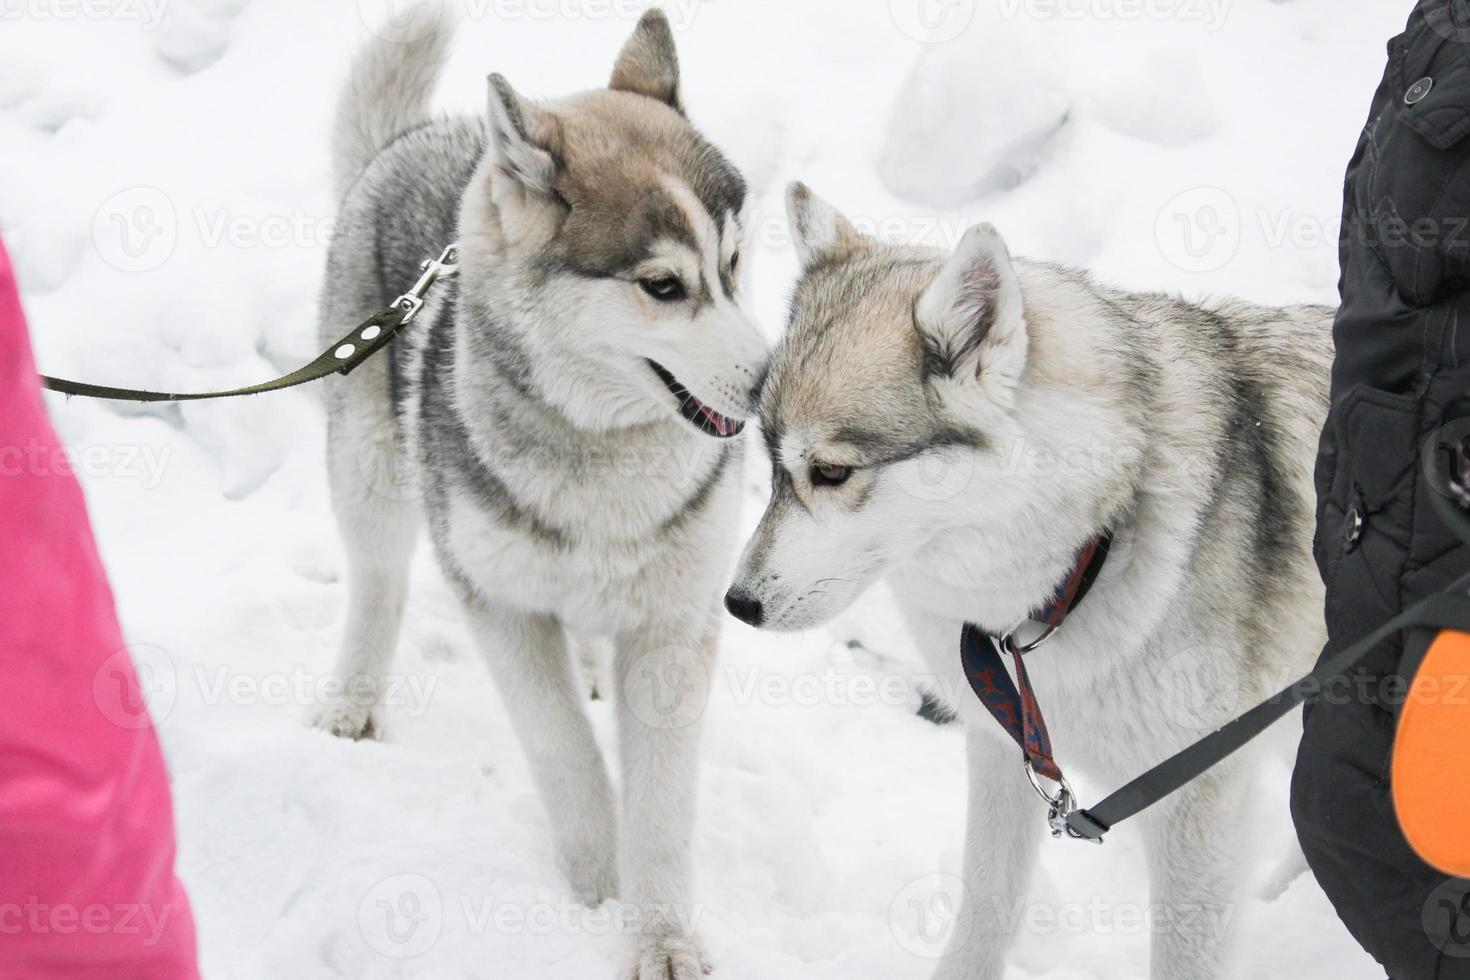 två huskies som spelar foto